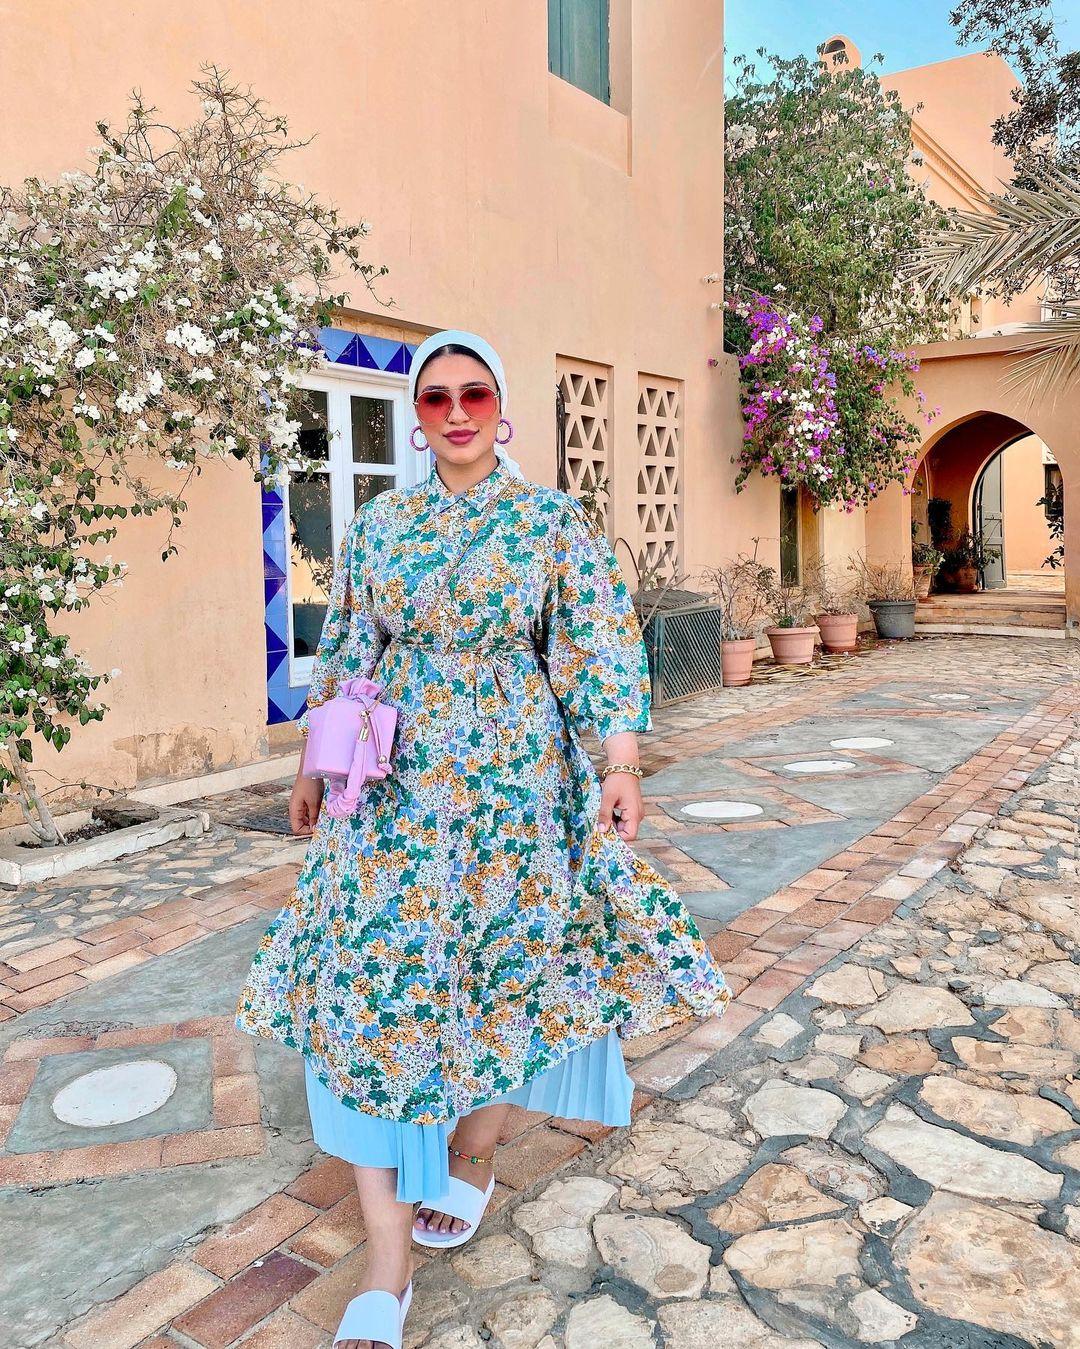 دينا رزق بفستان واسع مُطبع بالورود